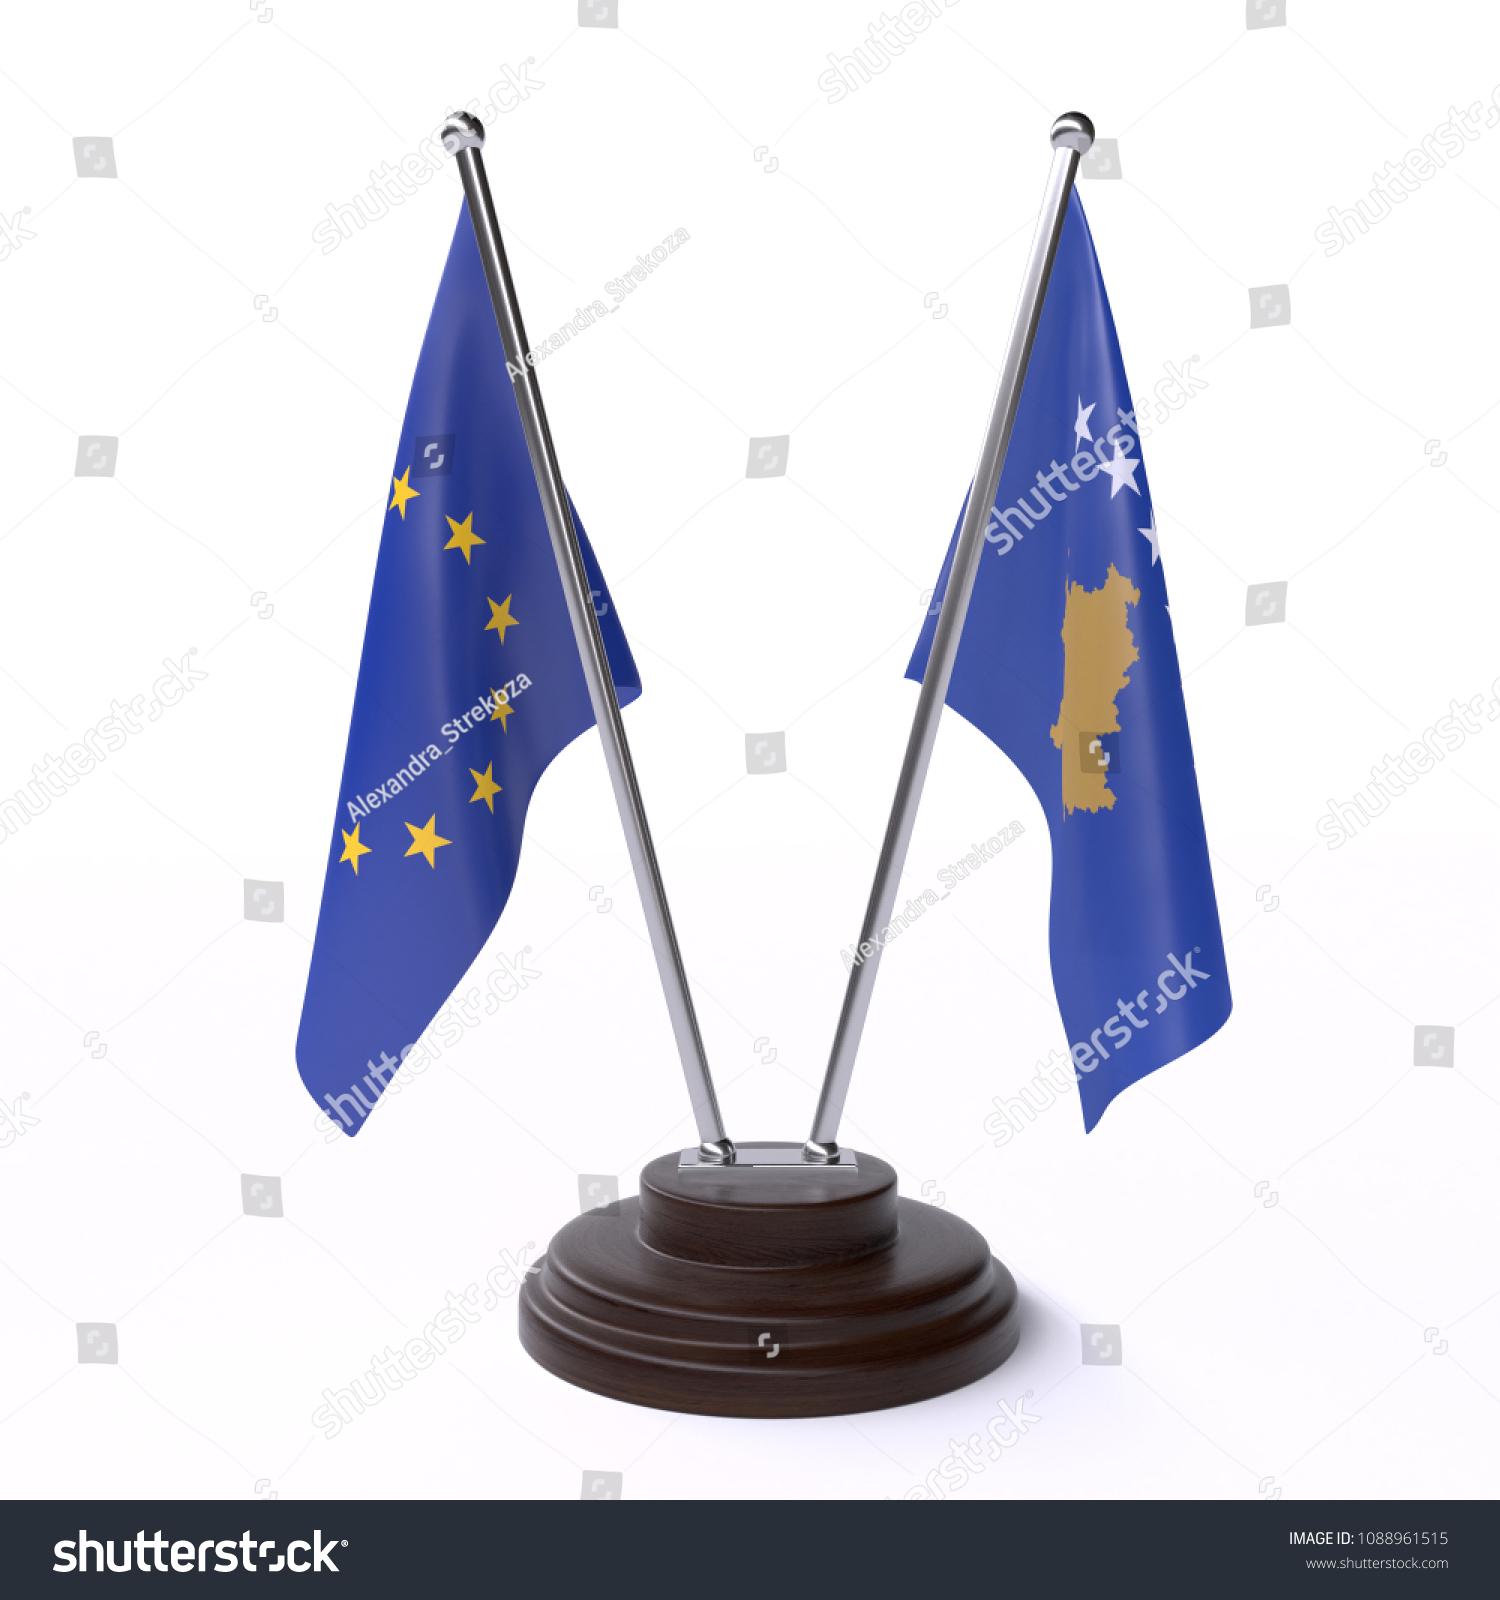 European Union Kosovo Two Table Flags Stock Illustration 1088961515